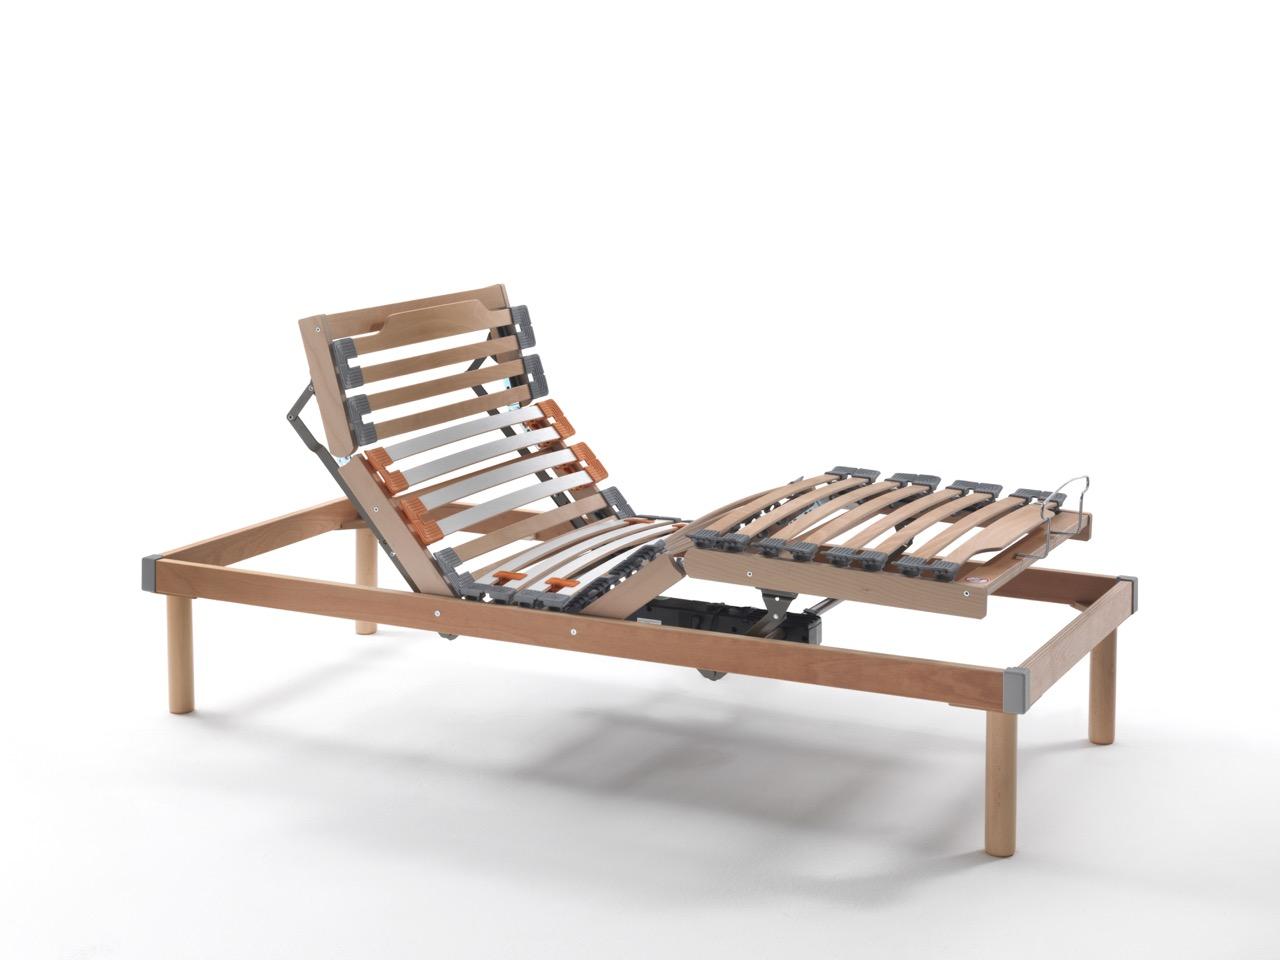 Reti da letto reti a doghe legno motorizzate reti ergonomiche reti snodabili materassi e - Reti da letto elettriche ...